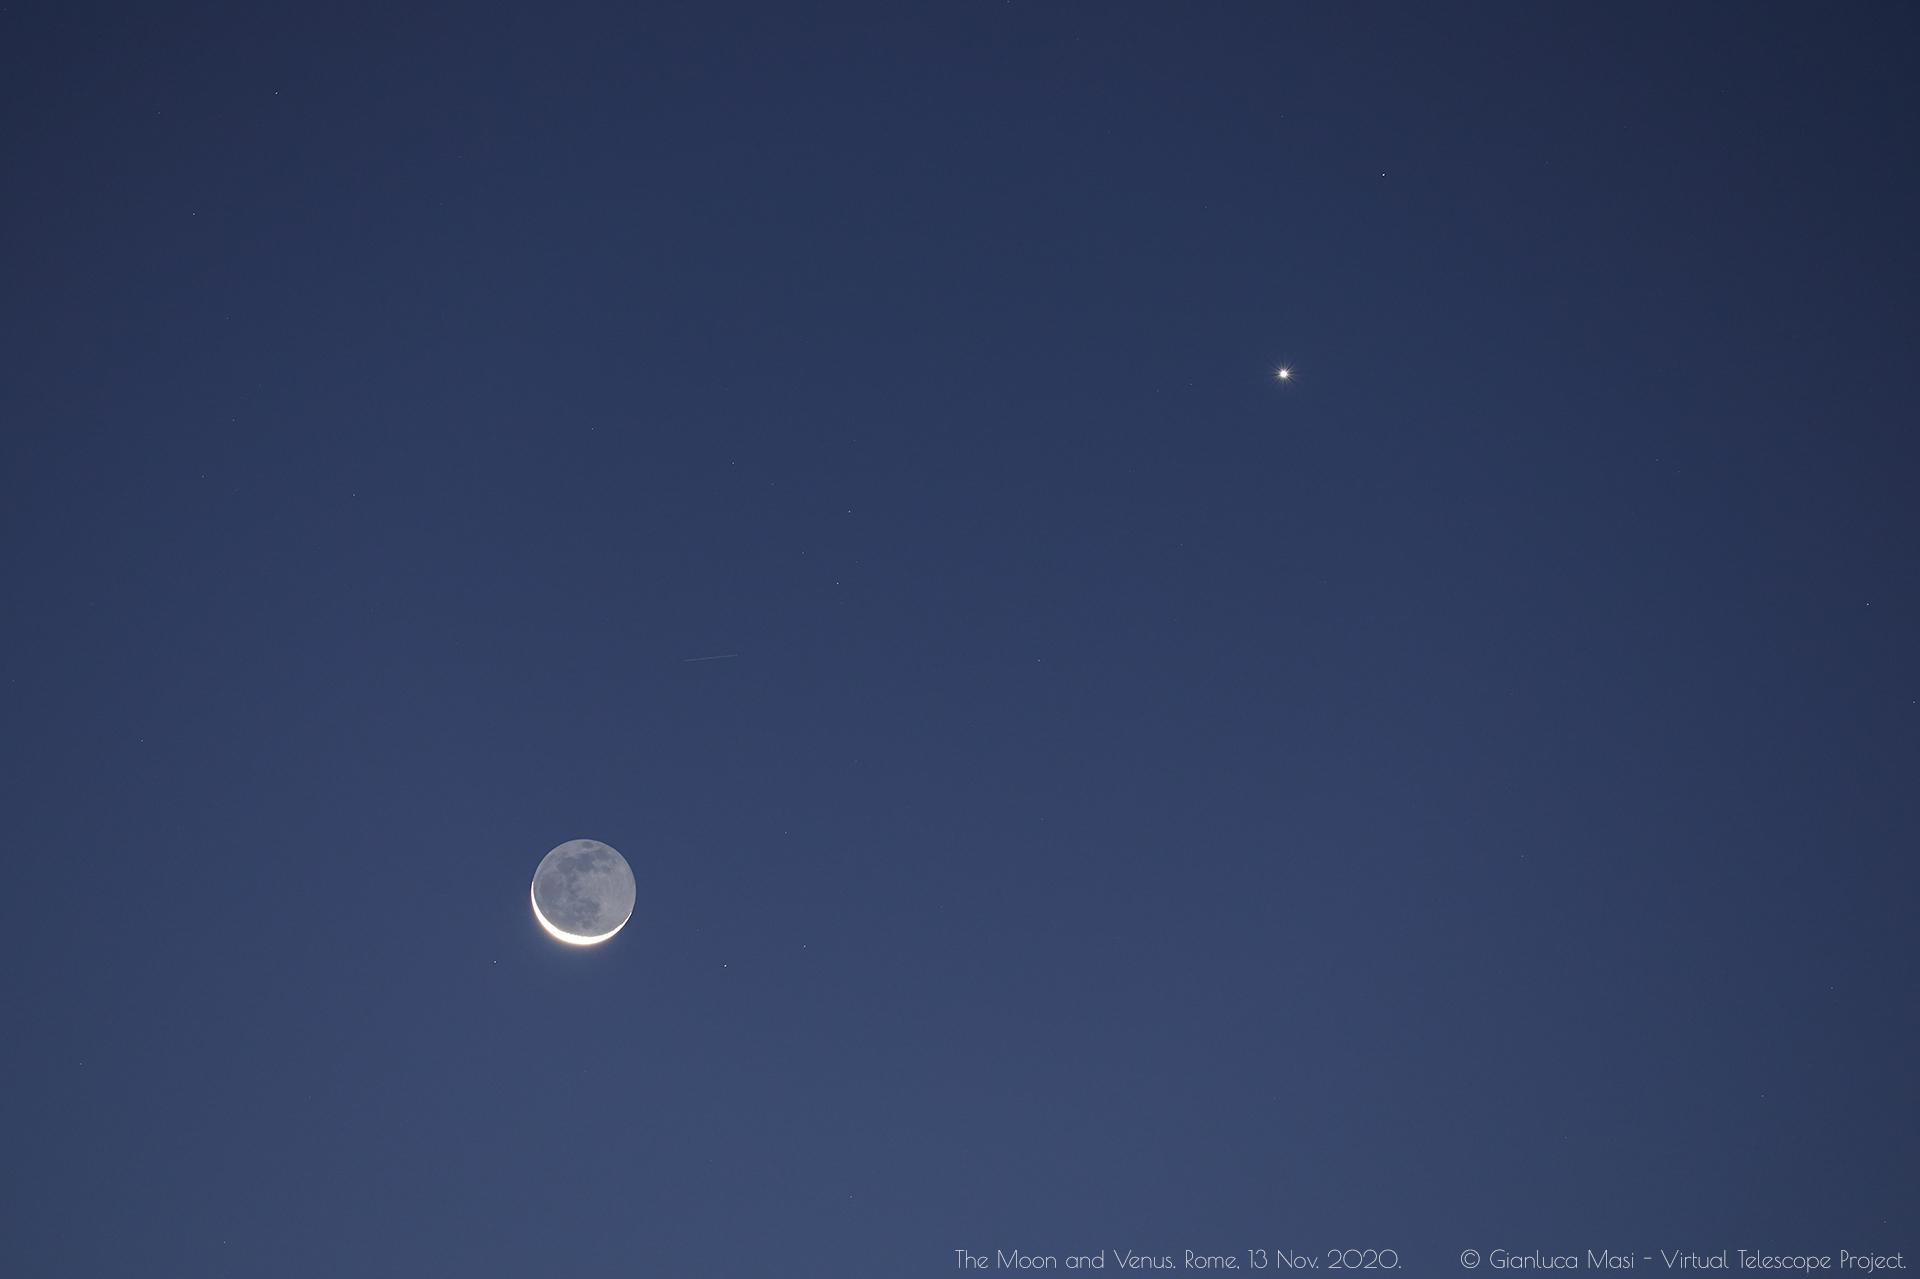 The Moon and Venus. 13 Nov. 2020.